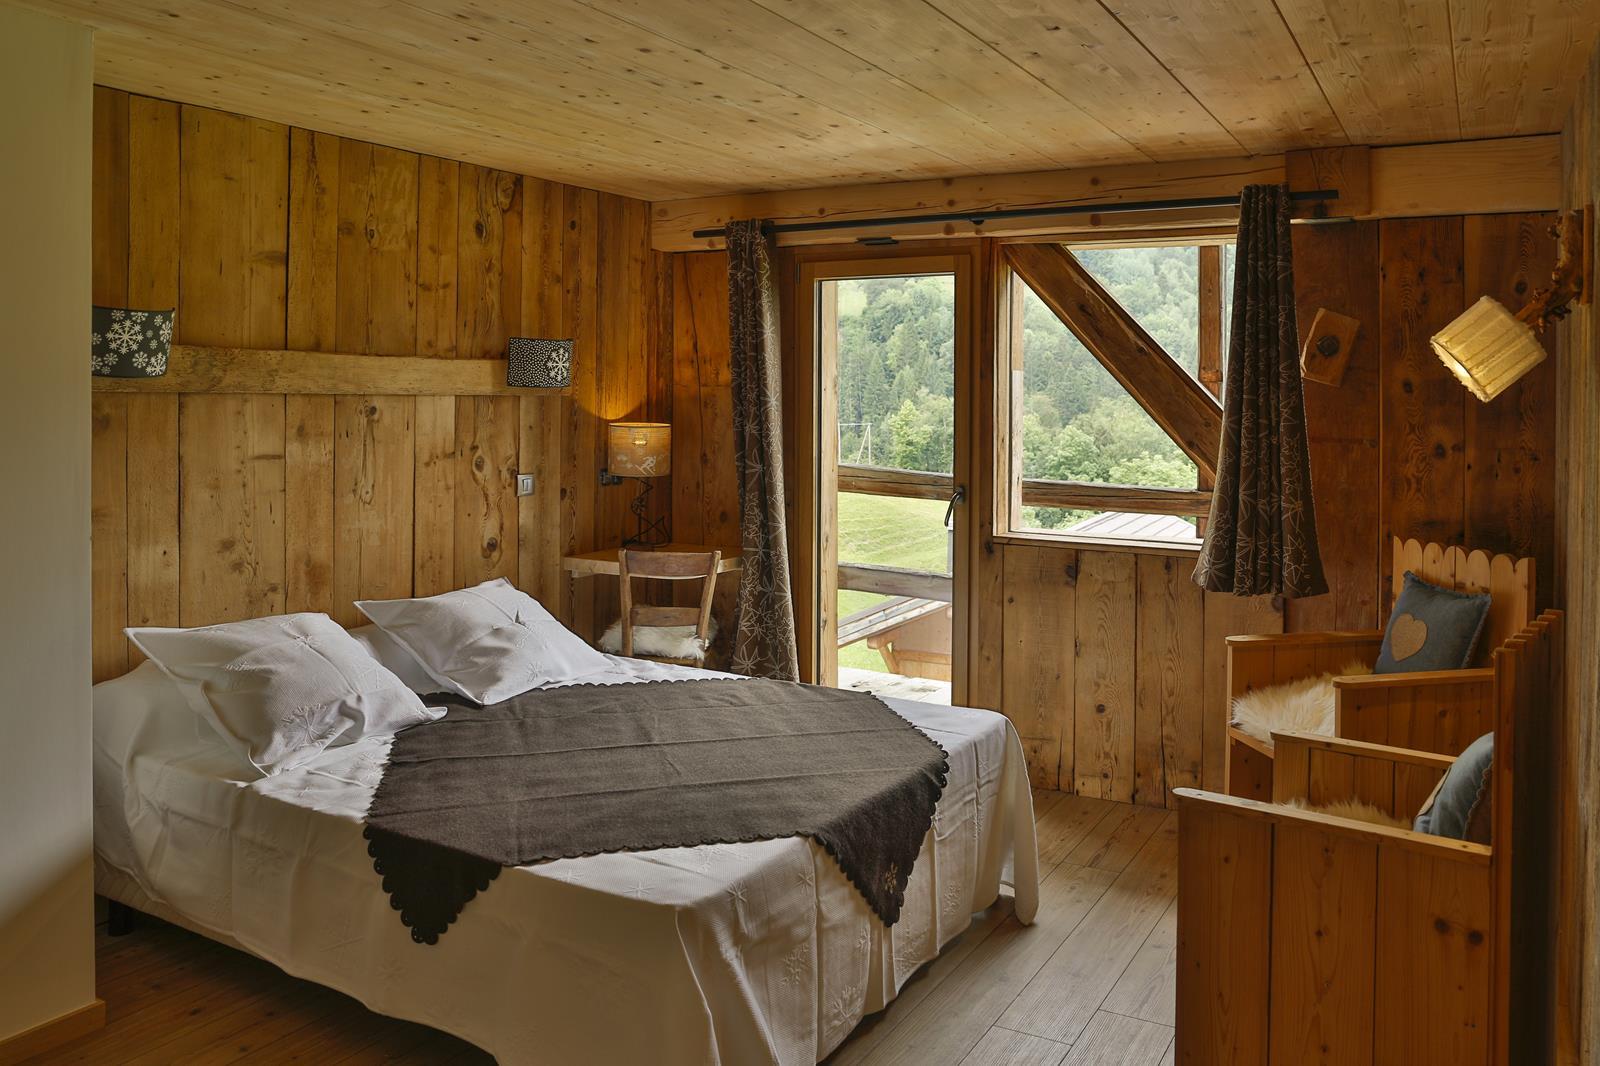 Photos – Belles Chambres En Savoie Mont Blanc – Savoie concernant Chambre D Hote Merlimont